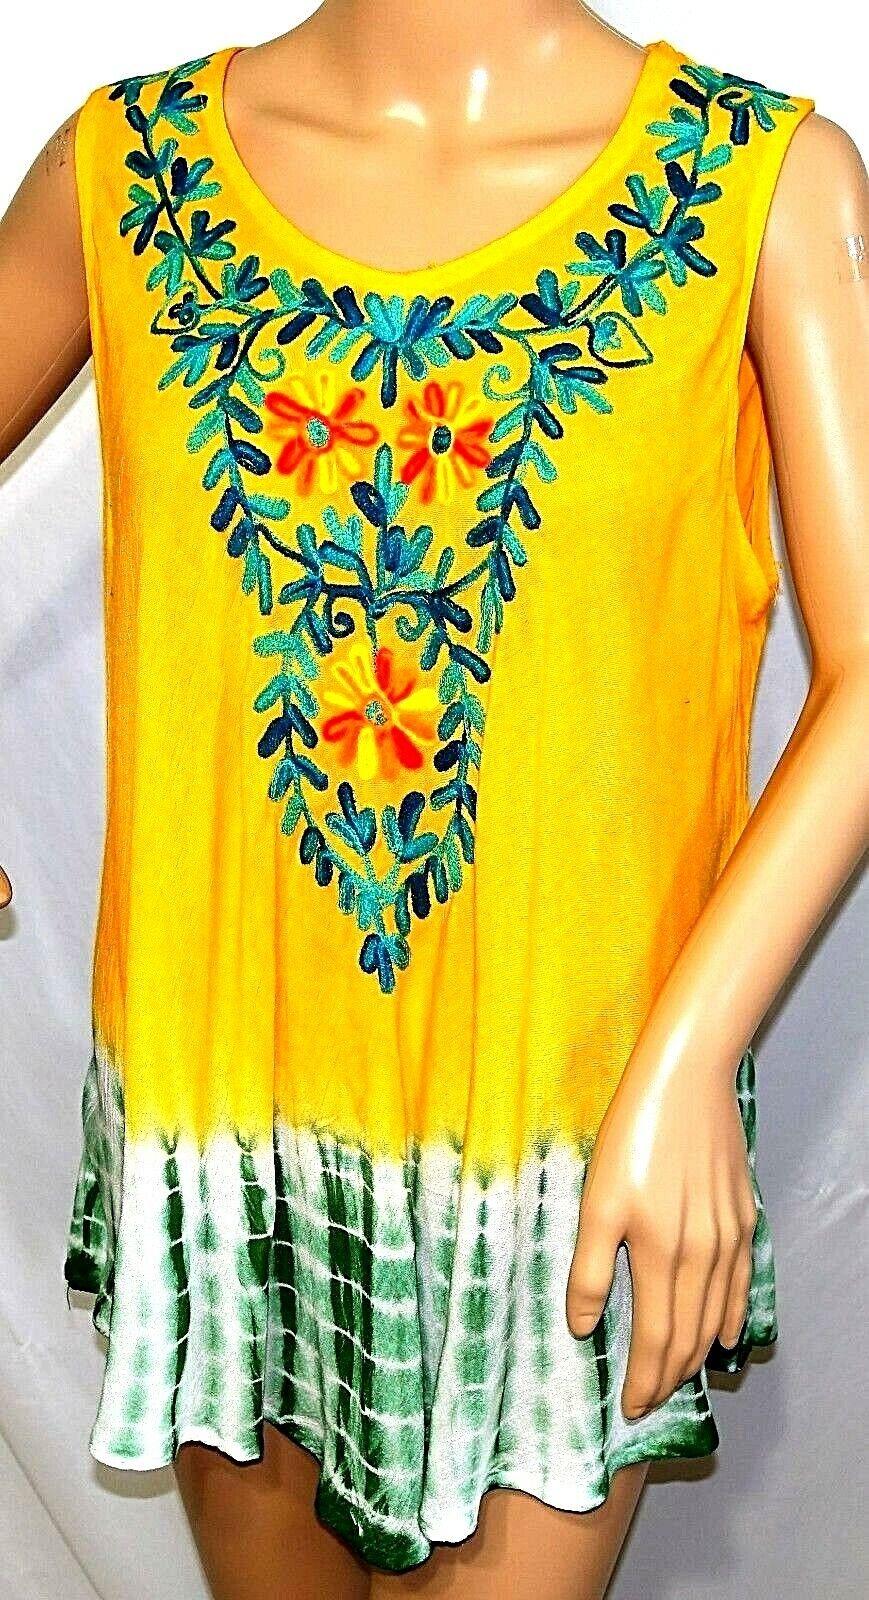 Ana /& Kate Women Plus Size 2x Coral Turquoise Tie Dye Swing Tank Top Blouse Boho